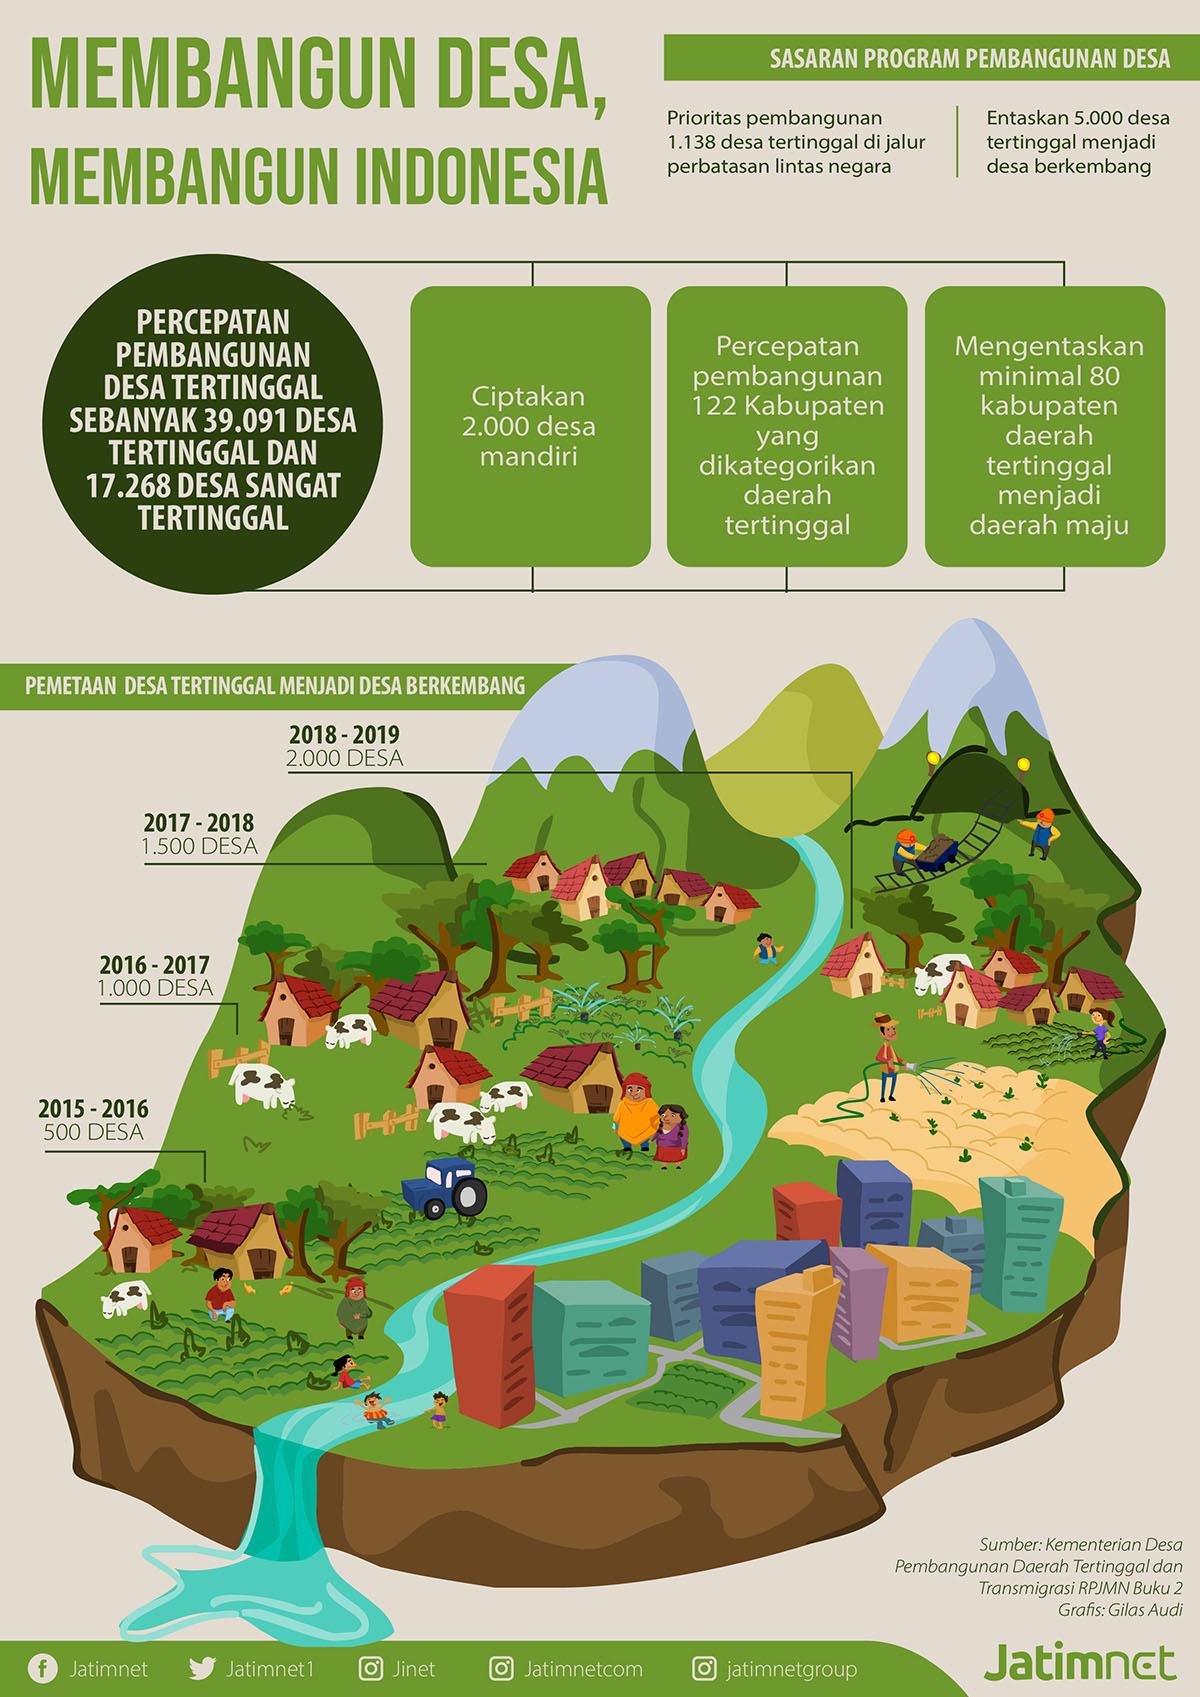 Membangun Desa, Membangun Indonesia